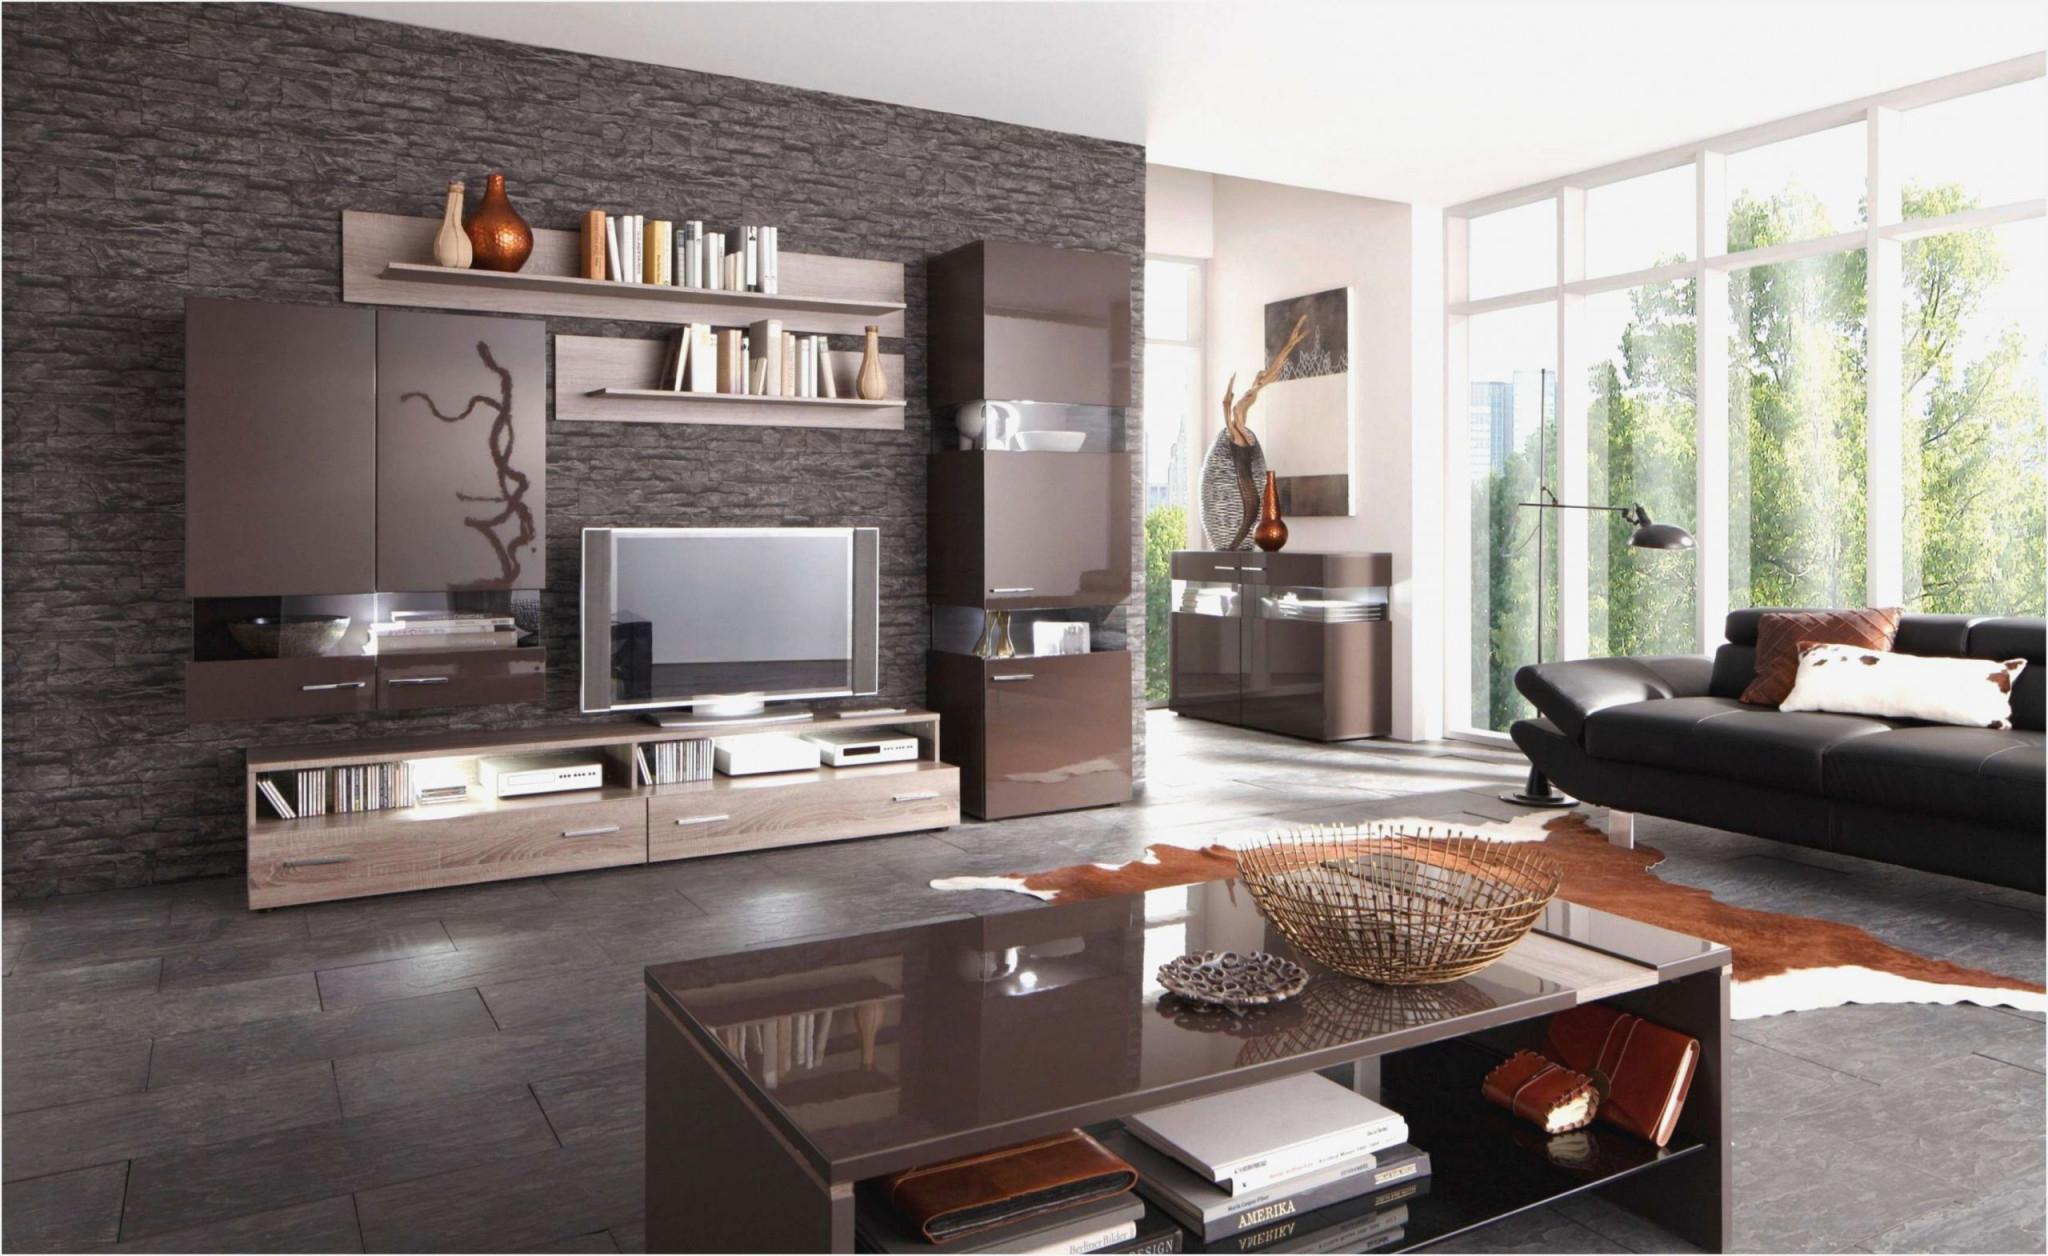 Mini Wohnzimmer Mediterran Einrichten  Wohnzimmer von Wohnzimmer Mediterran Einrichten Bild